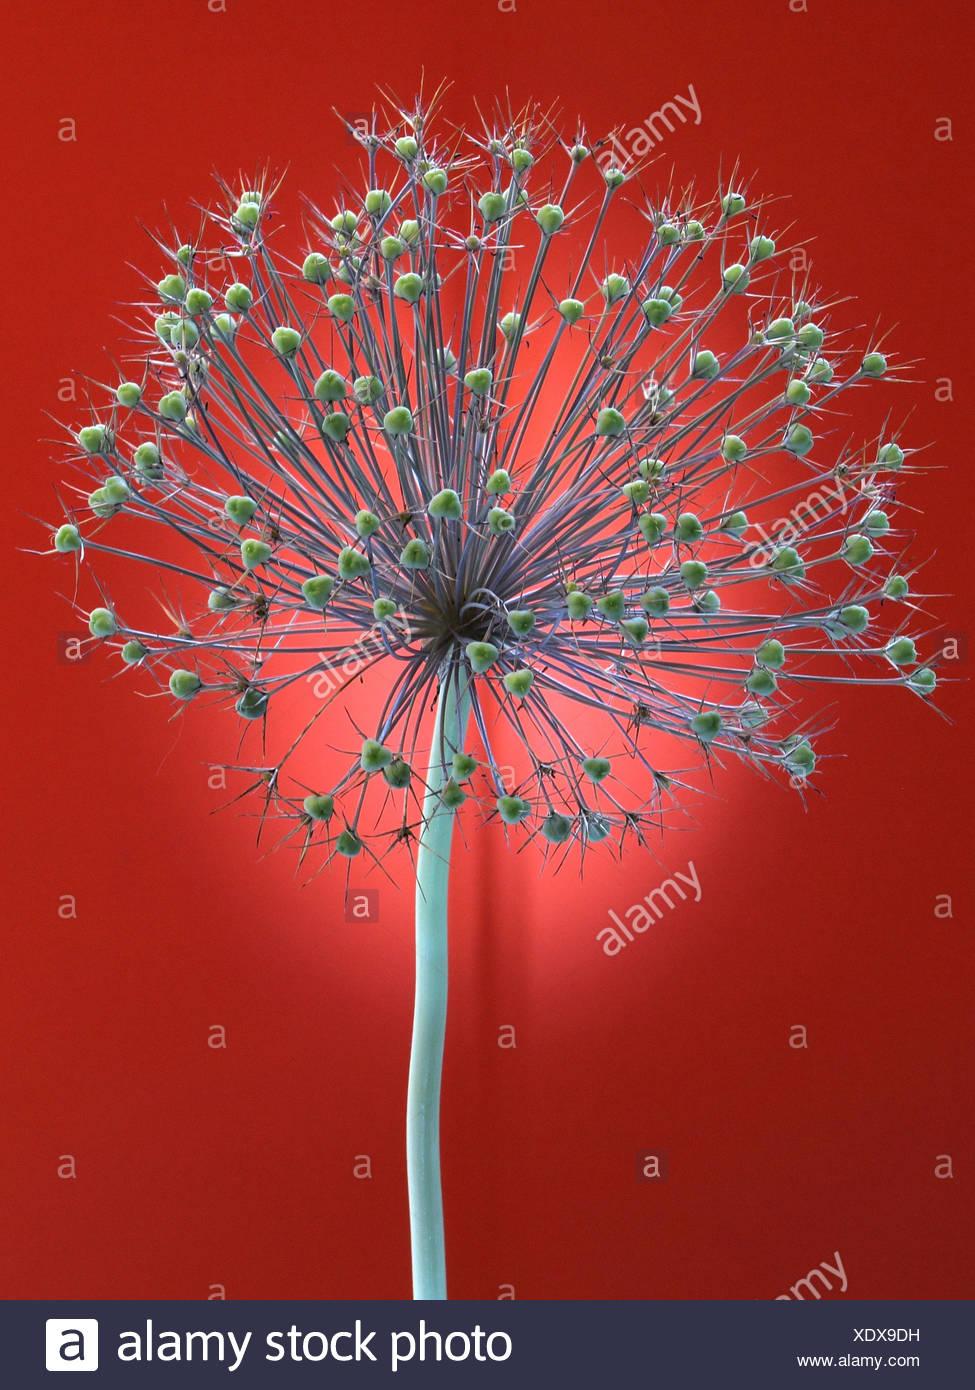 Blume, verwelkt, Allium, Konzept, Stern, Konzepte, Sterne, Licht, rot, entfremdet Stockbild